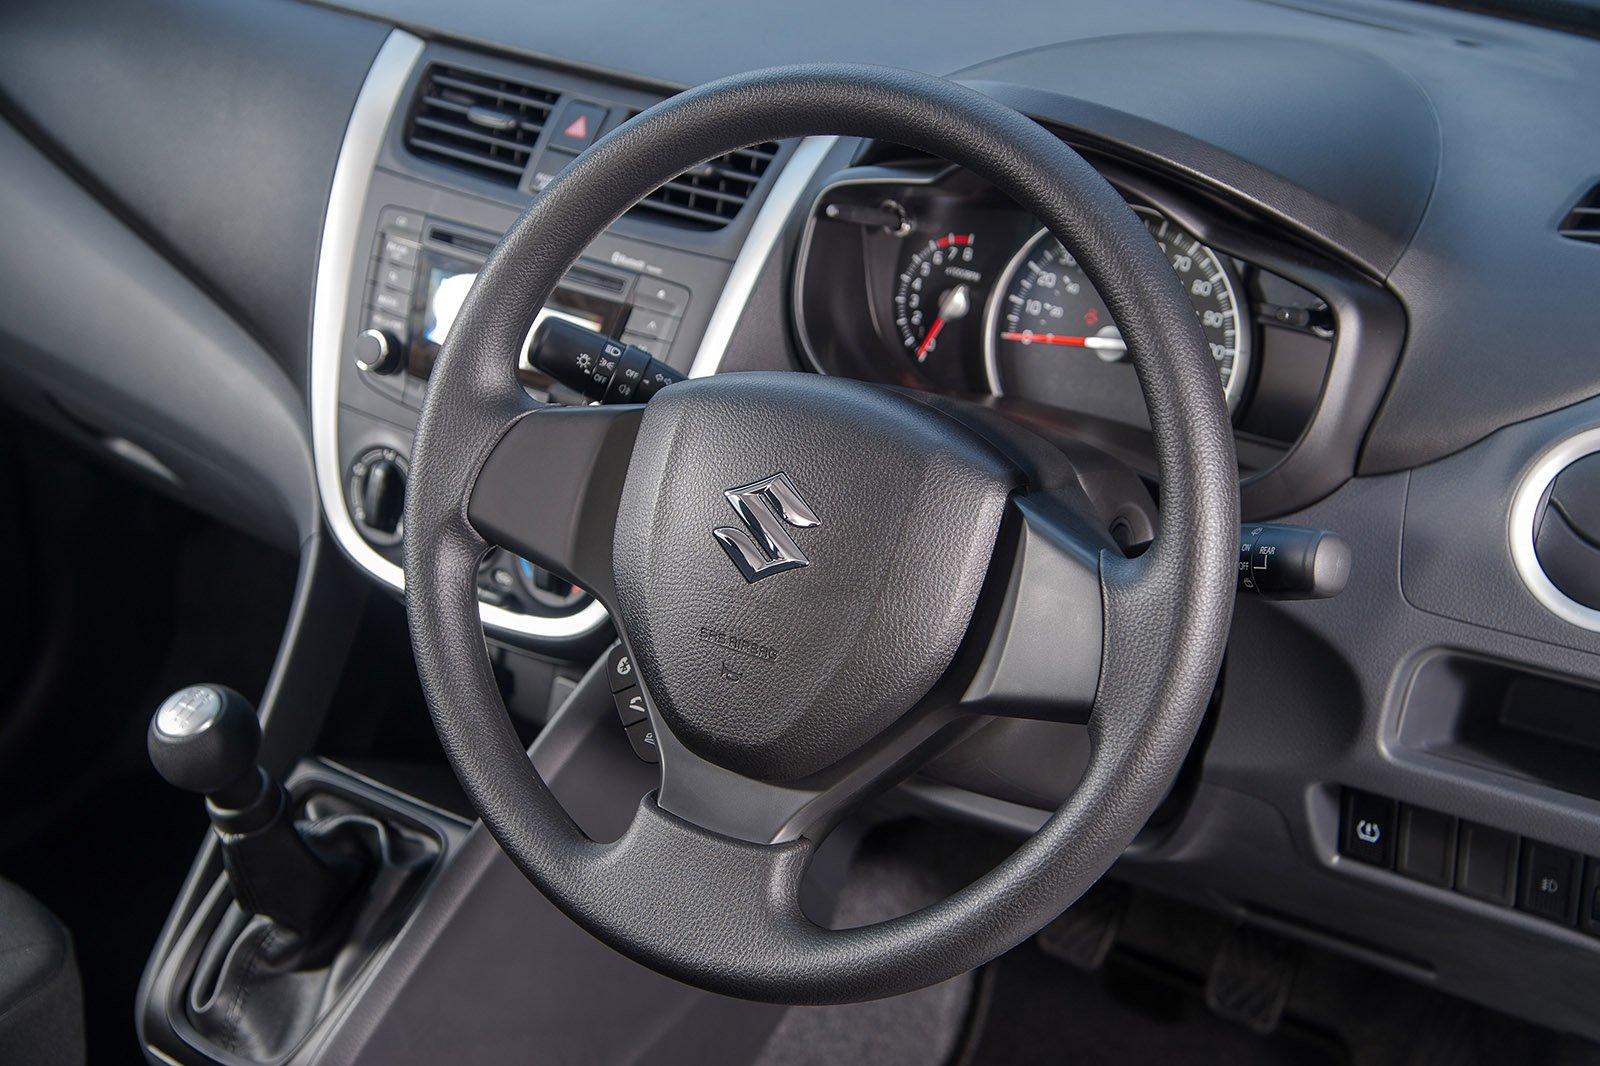 2018 Suzuki Celerio 1.0 SZ4 auto - interior